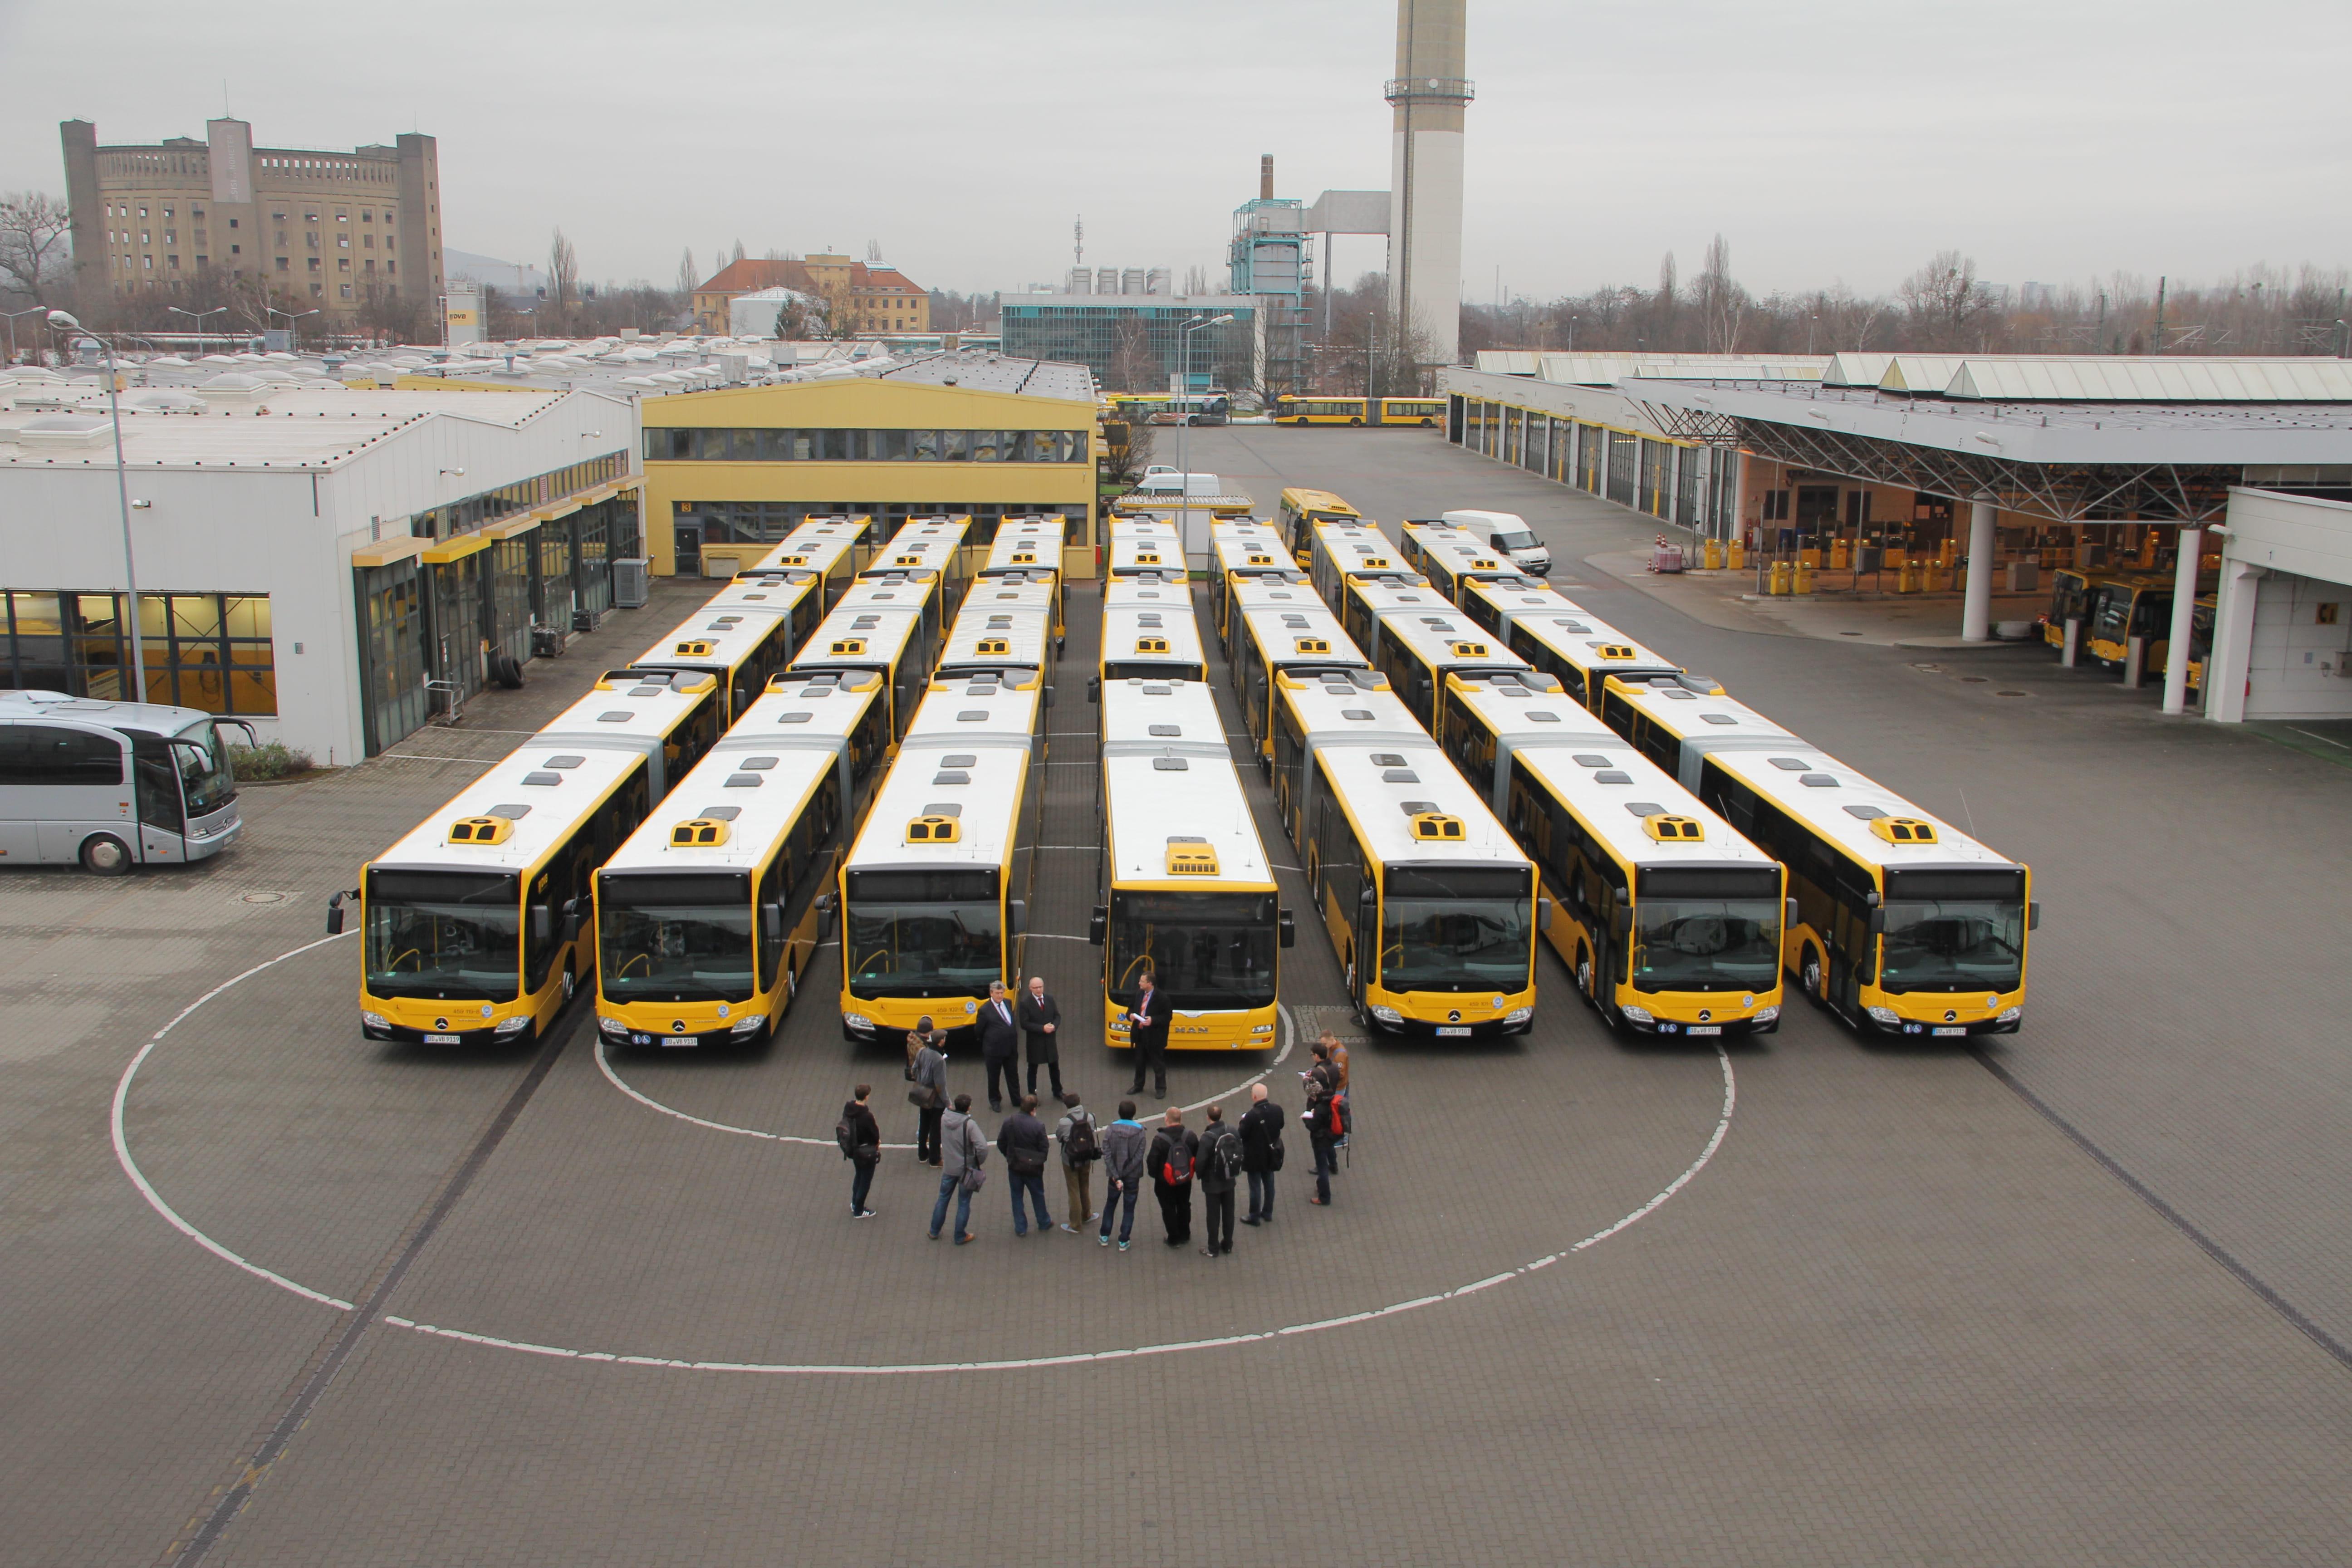 21 neue busse in dresden angekommen dvb dresdner verkehrsbetriebe ag. Black Bedroom Furniture Sets. Home Design Ideas